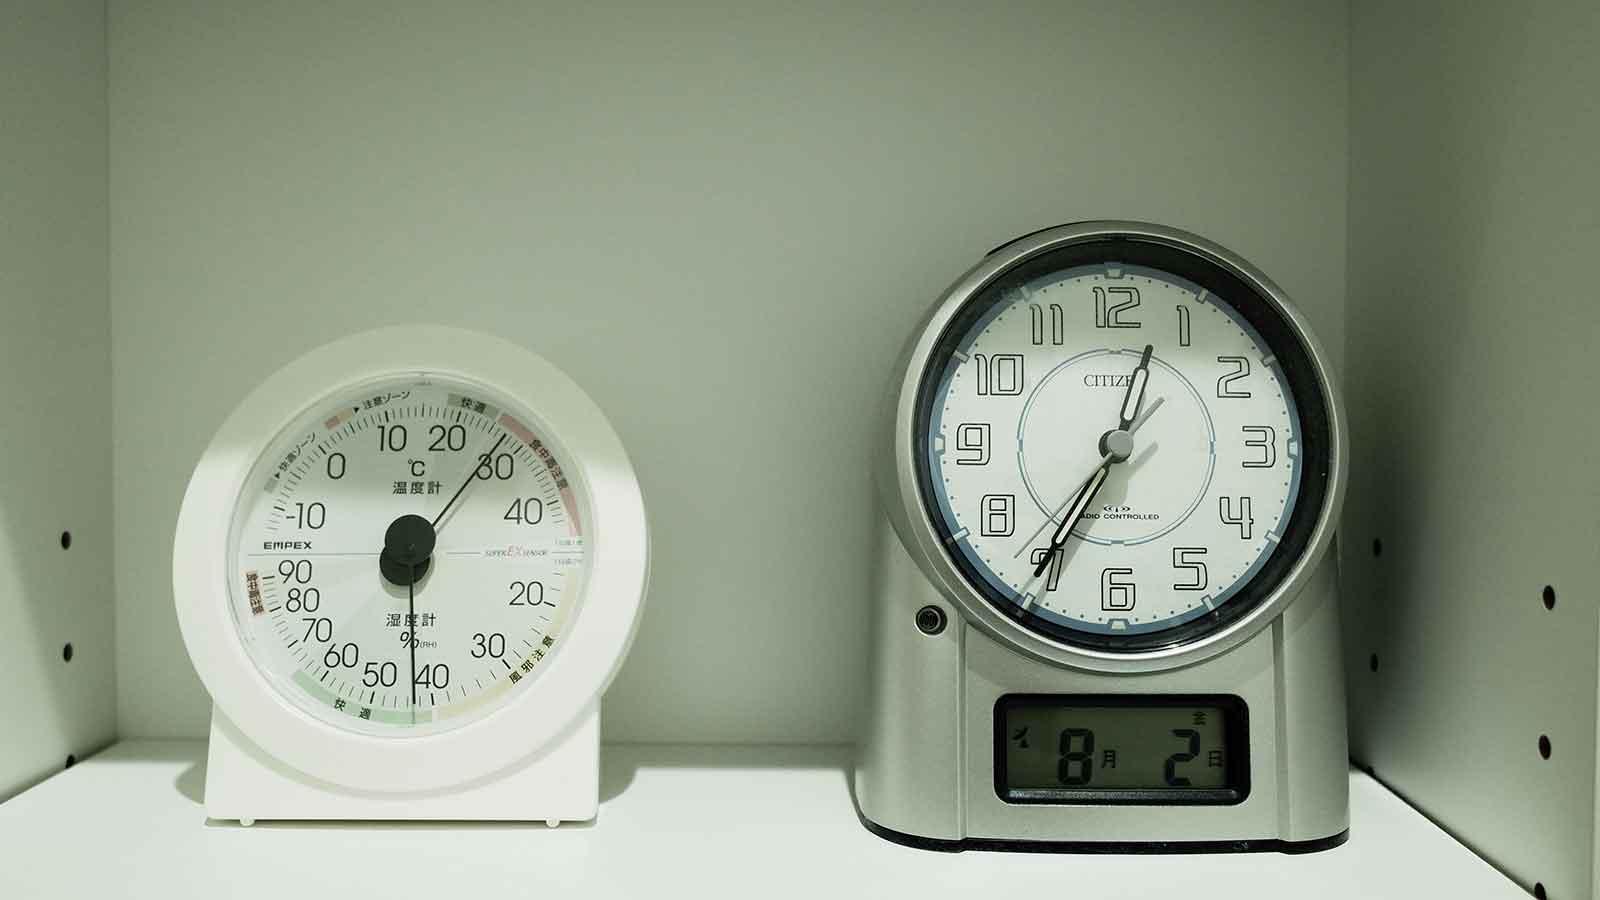 8月1日の深夜の温度が高い